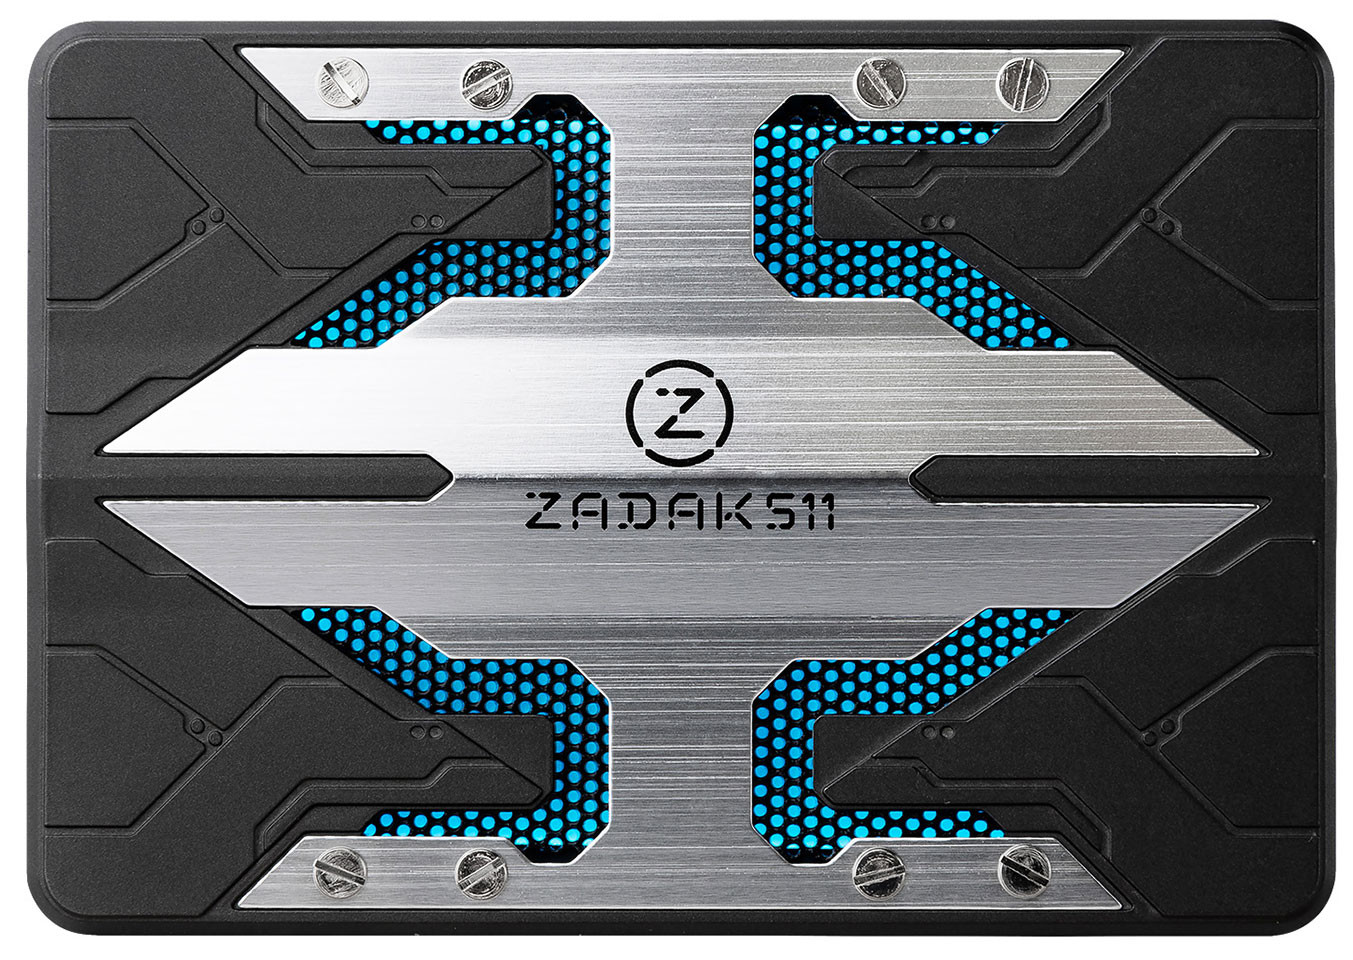 zadak511-shield-rgb-dual-interface-ssd-600-02